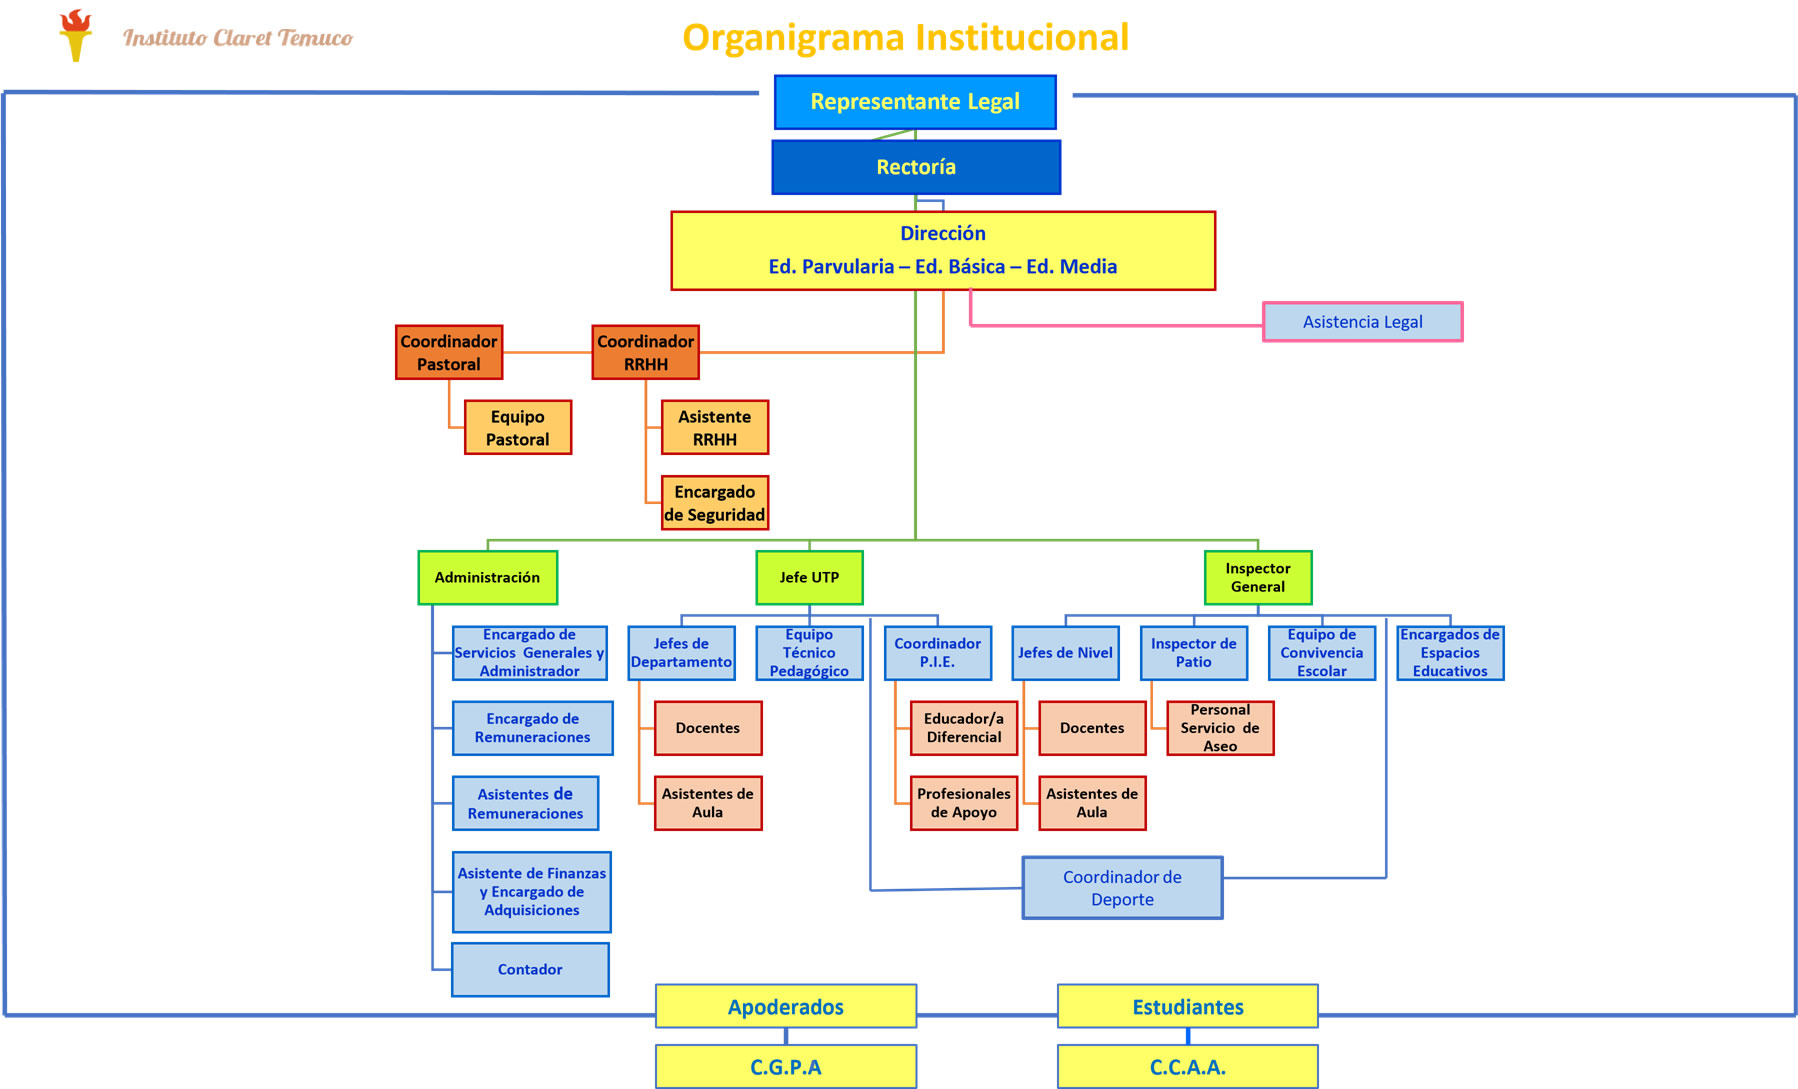 Organigrama Institucional 2018